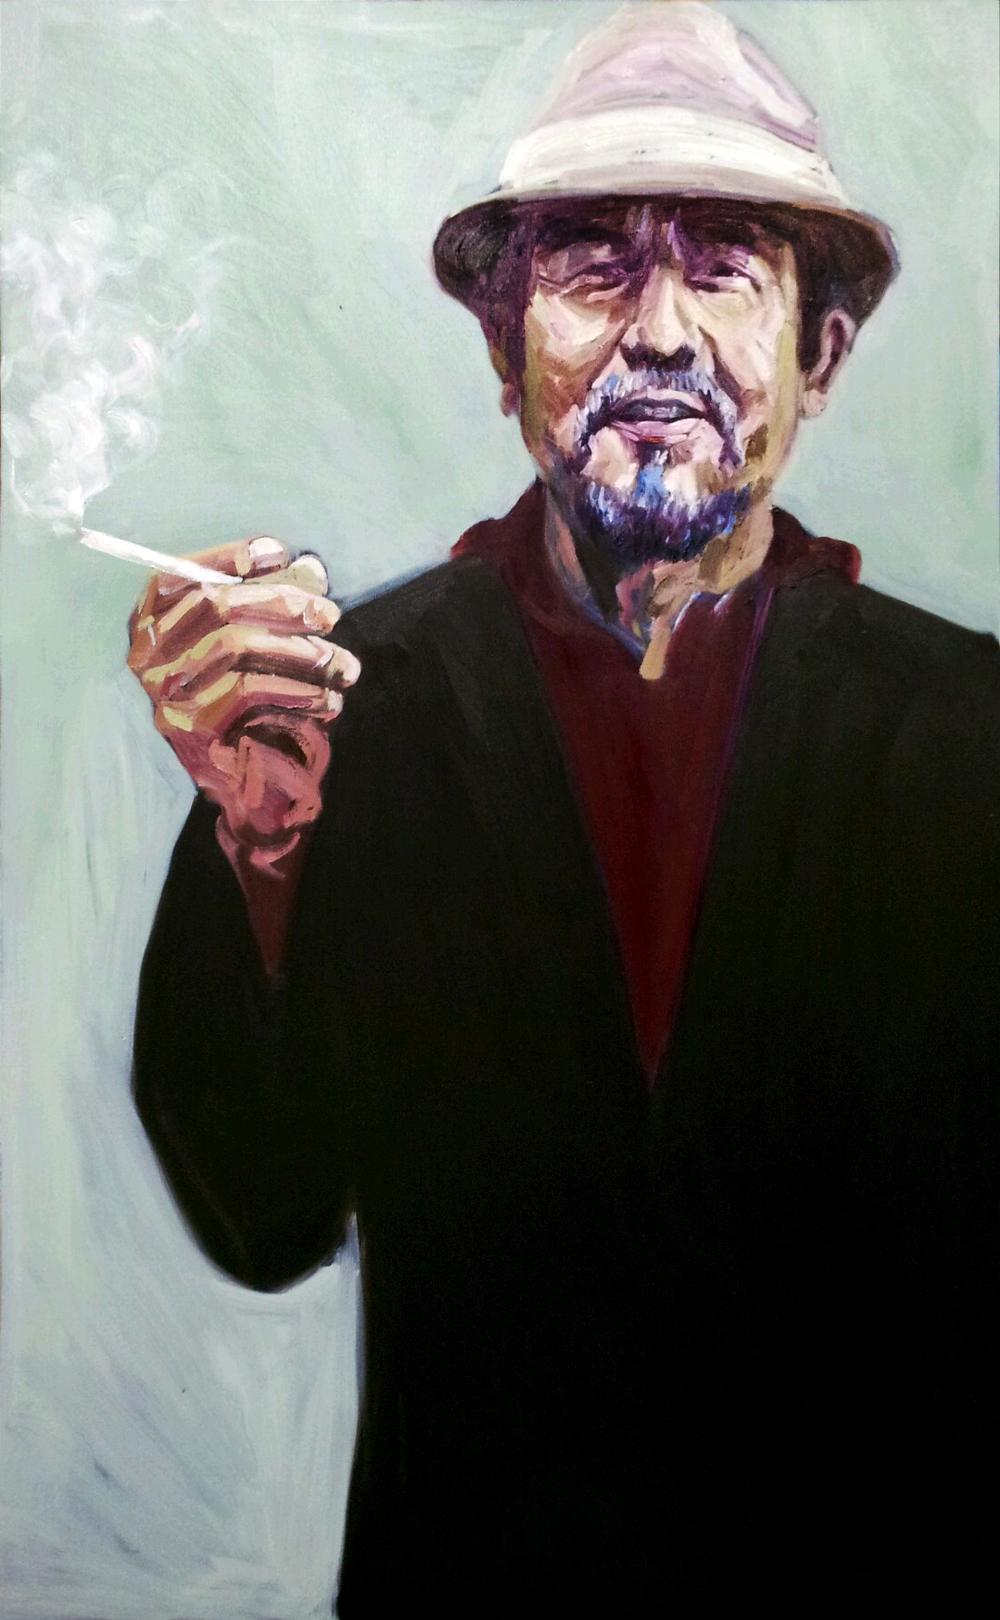 Chang Bo-gyu